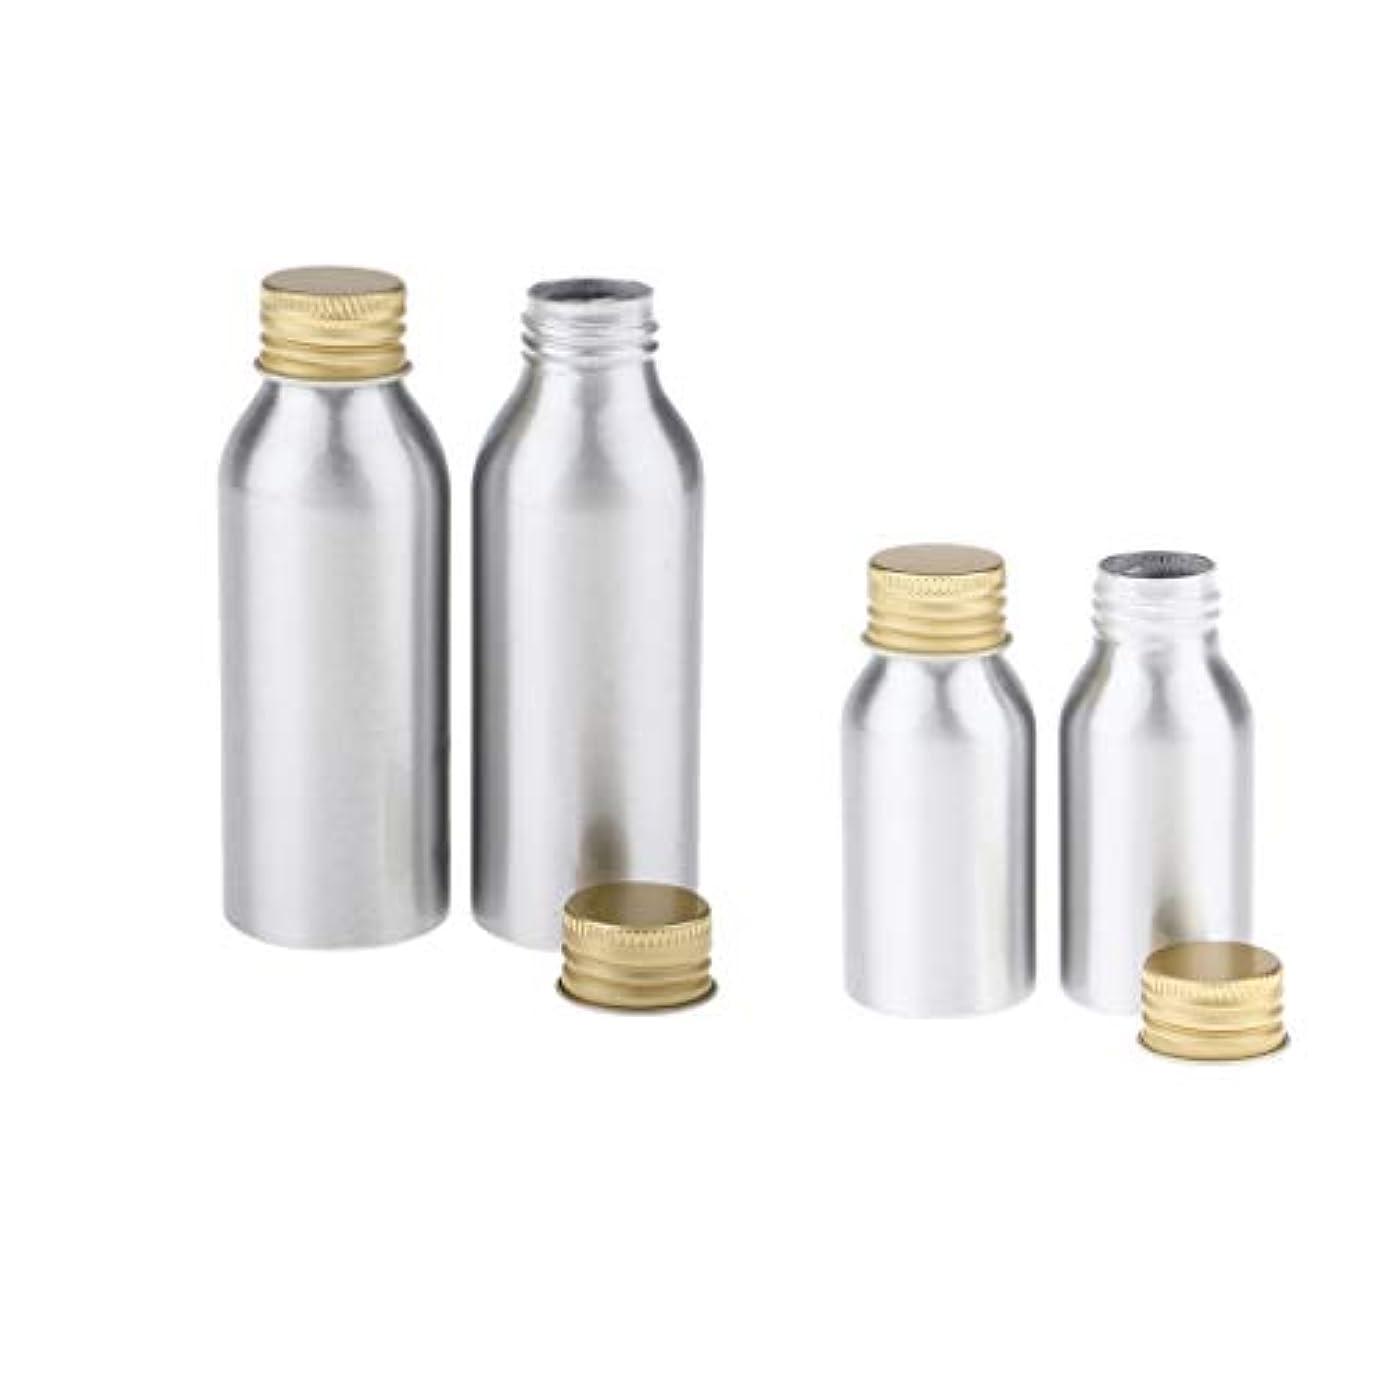 所有権揮発性旅客T TOOYFUL 化粧品容器 ボトル ローションボトル 漏れ防止 詰め替え式 クリームジャー 全2選択 - 40+100ミリリットル